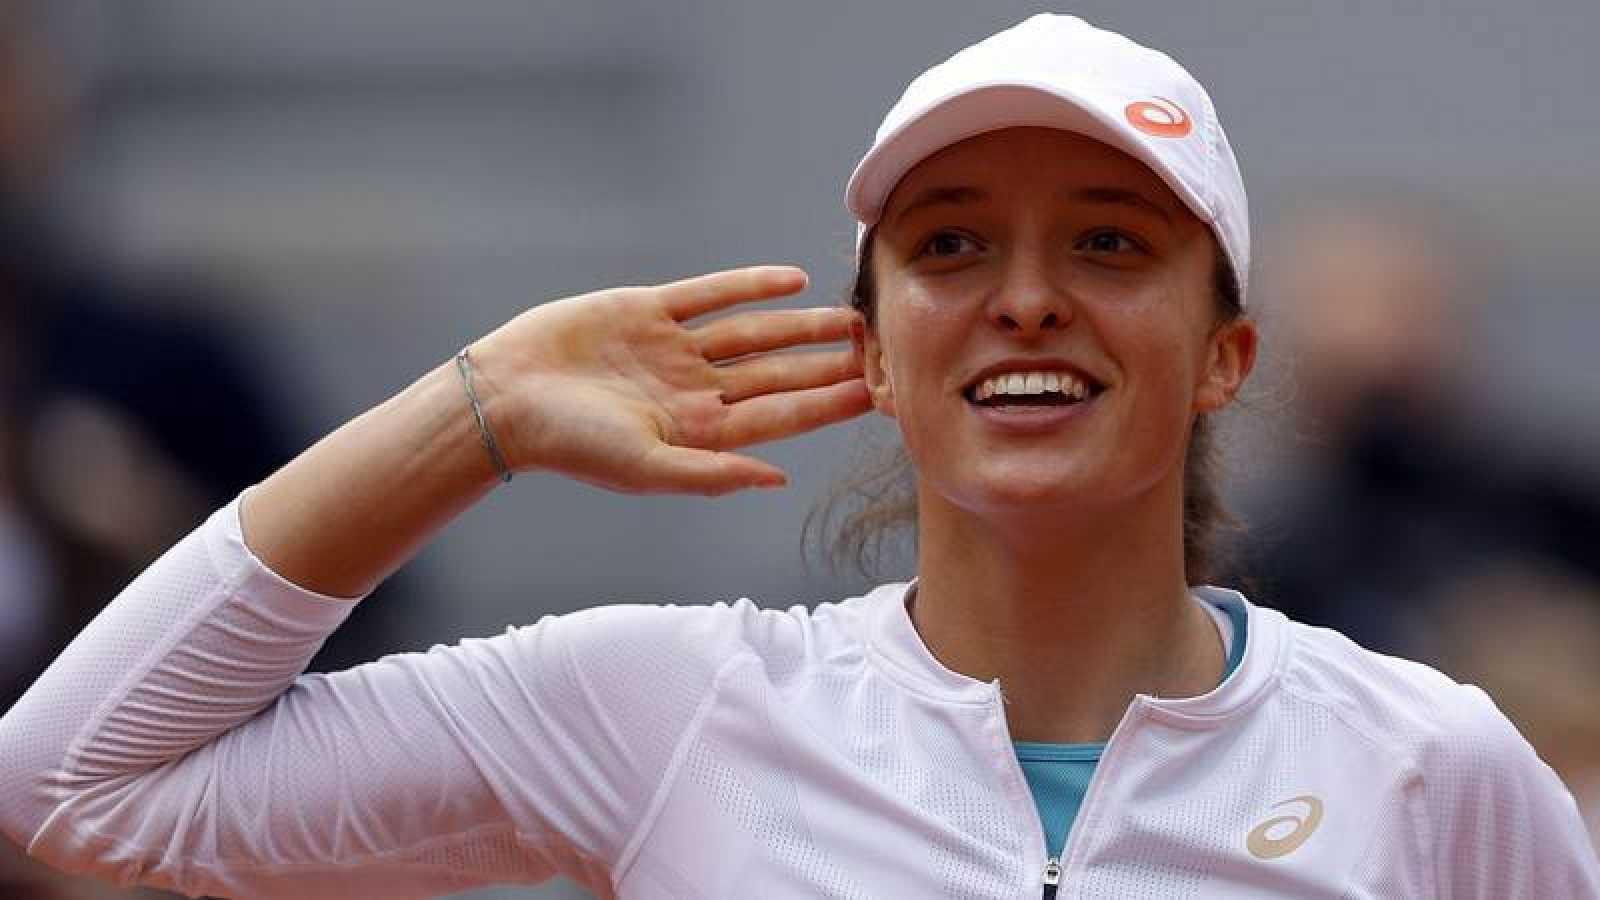 La tenista polaca Iga Swiatek celebra su trinfo en semifinales de Roland Garros ante Nadia Podoroska.